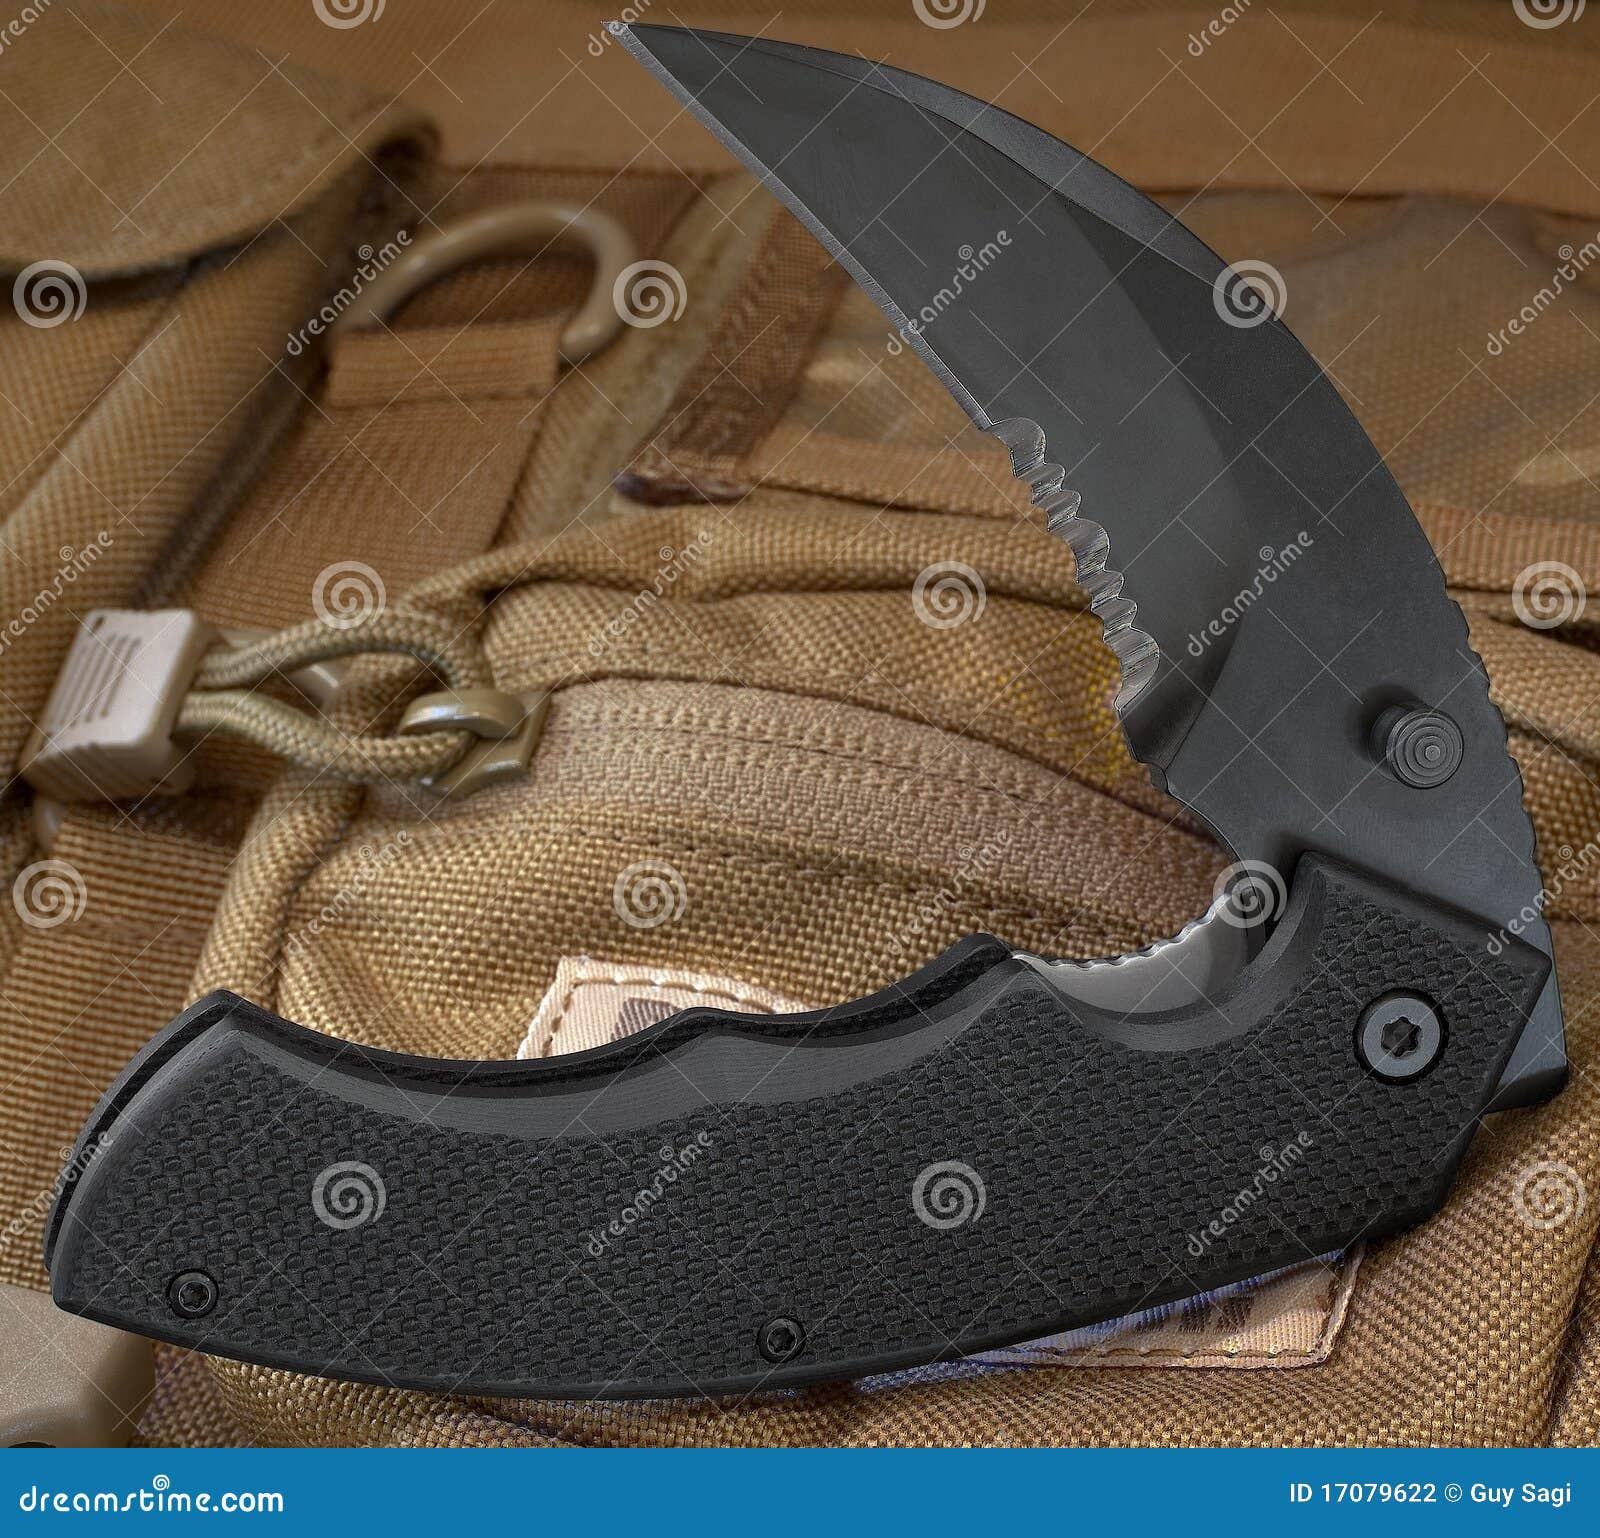 складывая нож